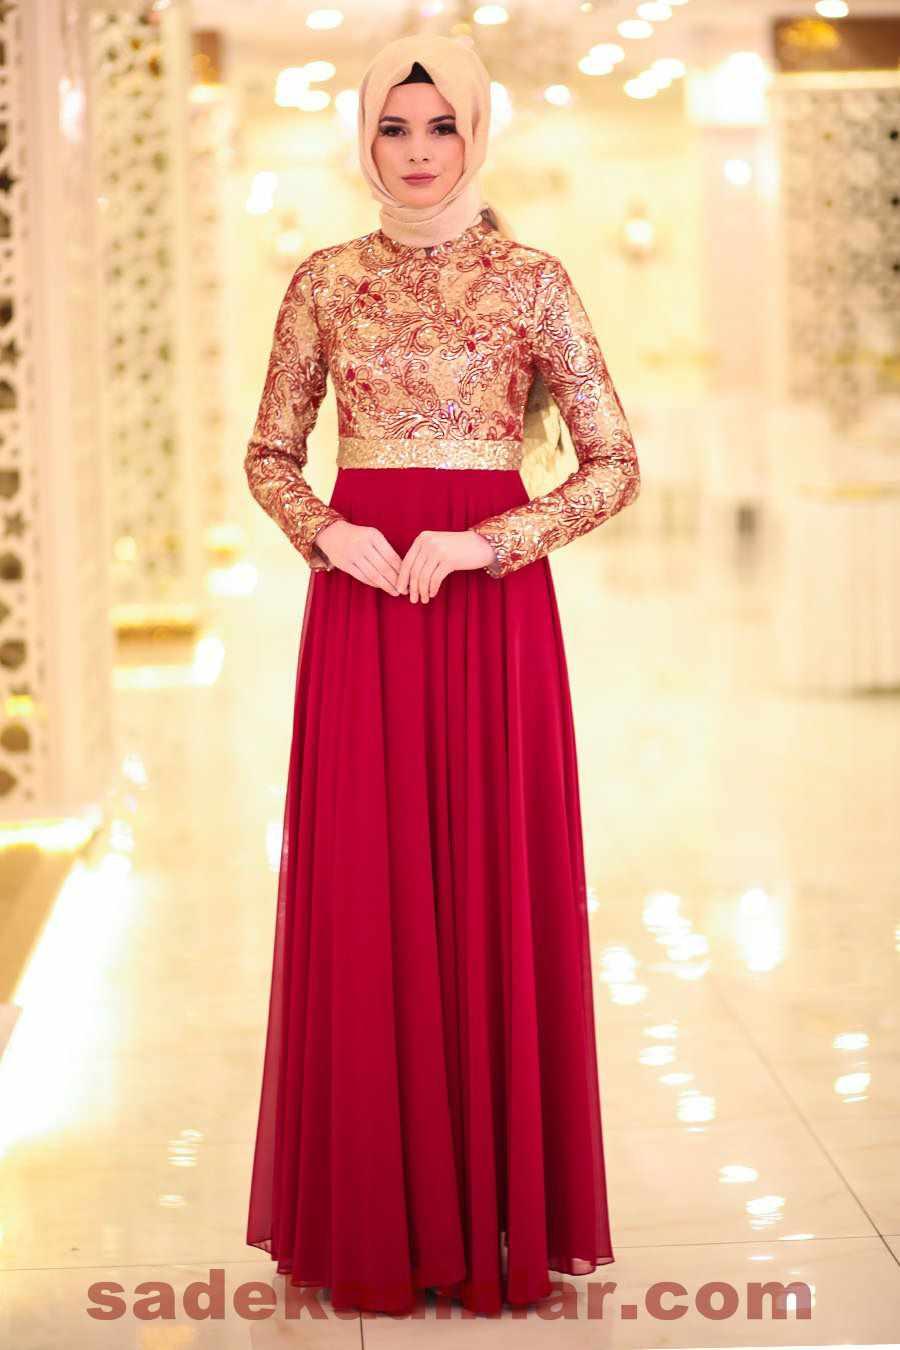 336a183c1404d Son Moda Kırmızı Tesettür Abiye Modelleri 2019 - 2020 Parlak Payetli ...